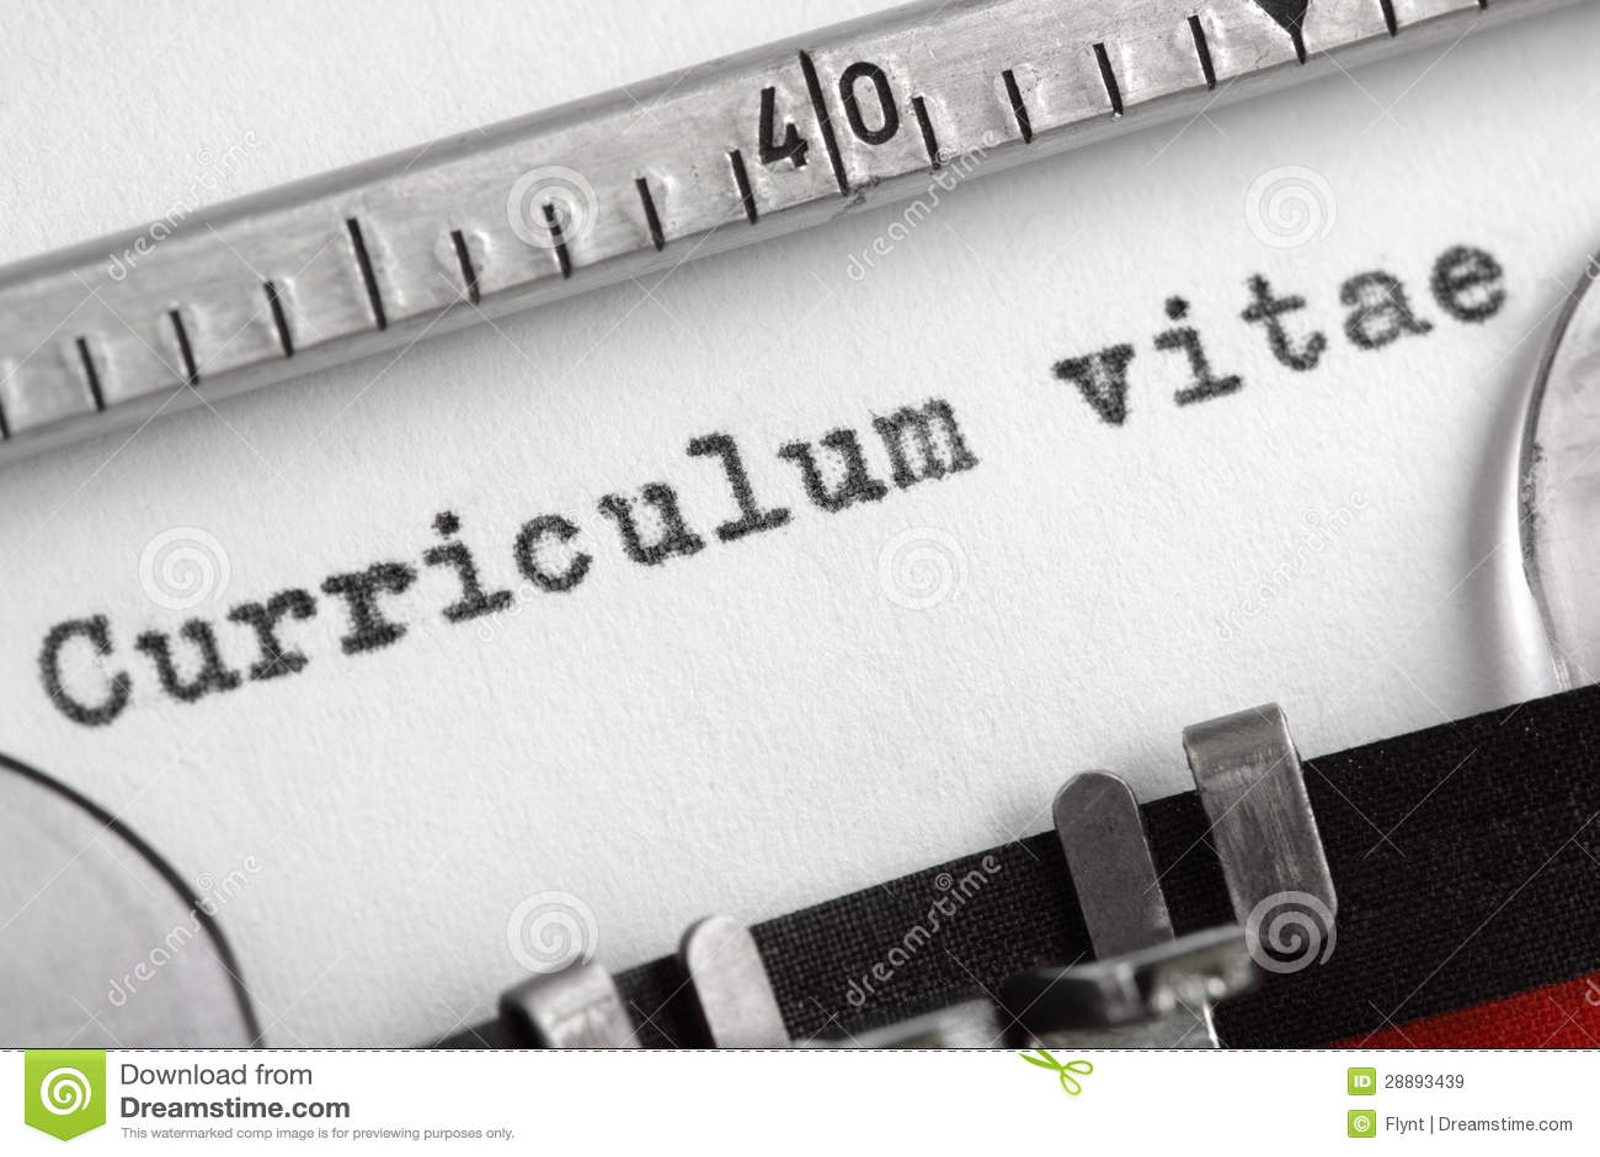 Curriculum Vitae Scritto Sulla Macchina Da Scrivere Immagine Stock